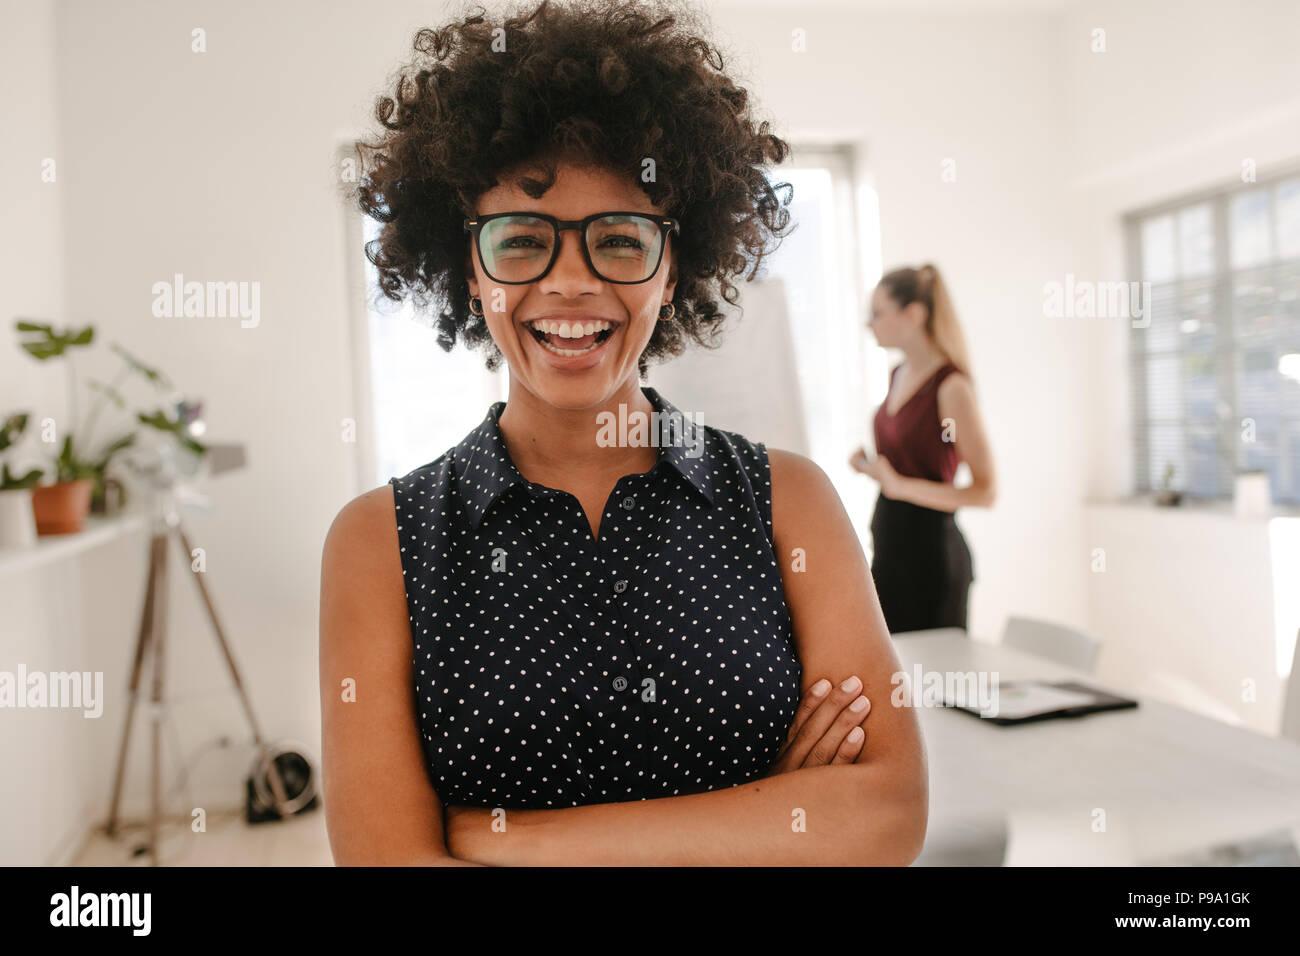 Portrait of young African woman les bras croisés dans la salle de réunion avec son collègue la presentation en arrière-plan. Femme laughin Banque D'Images